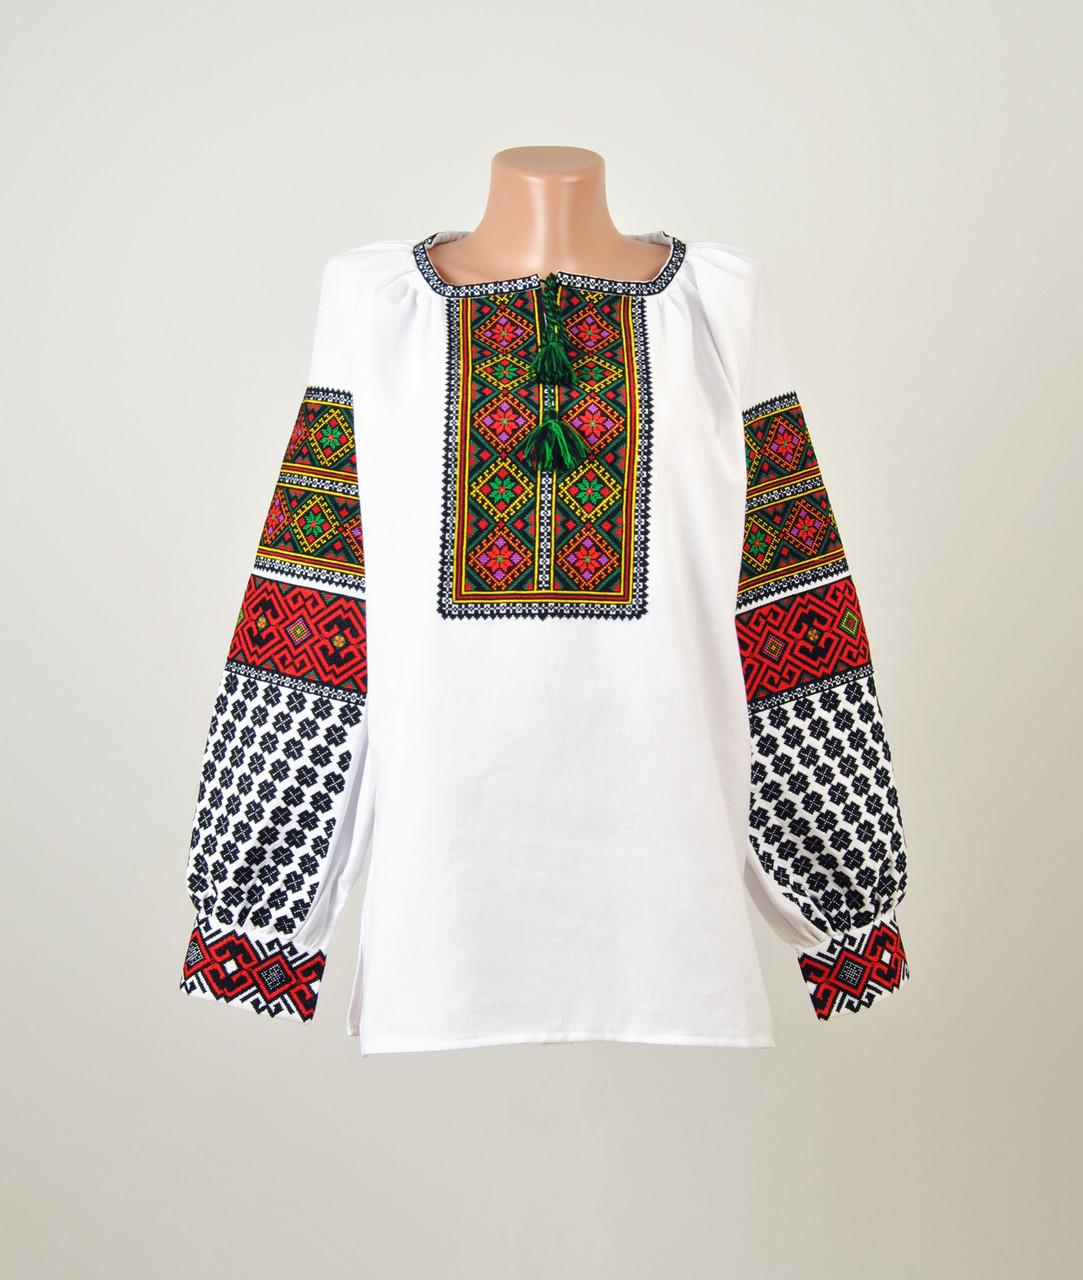 Жіноча вишиванка з гуцульським орнаментом машинної вишивки -  Інтернет-магазин вишиванок для всієї сім  a759826f941f8